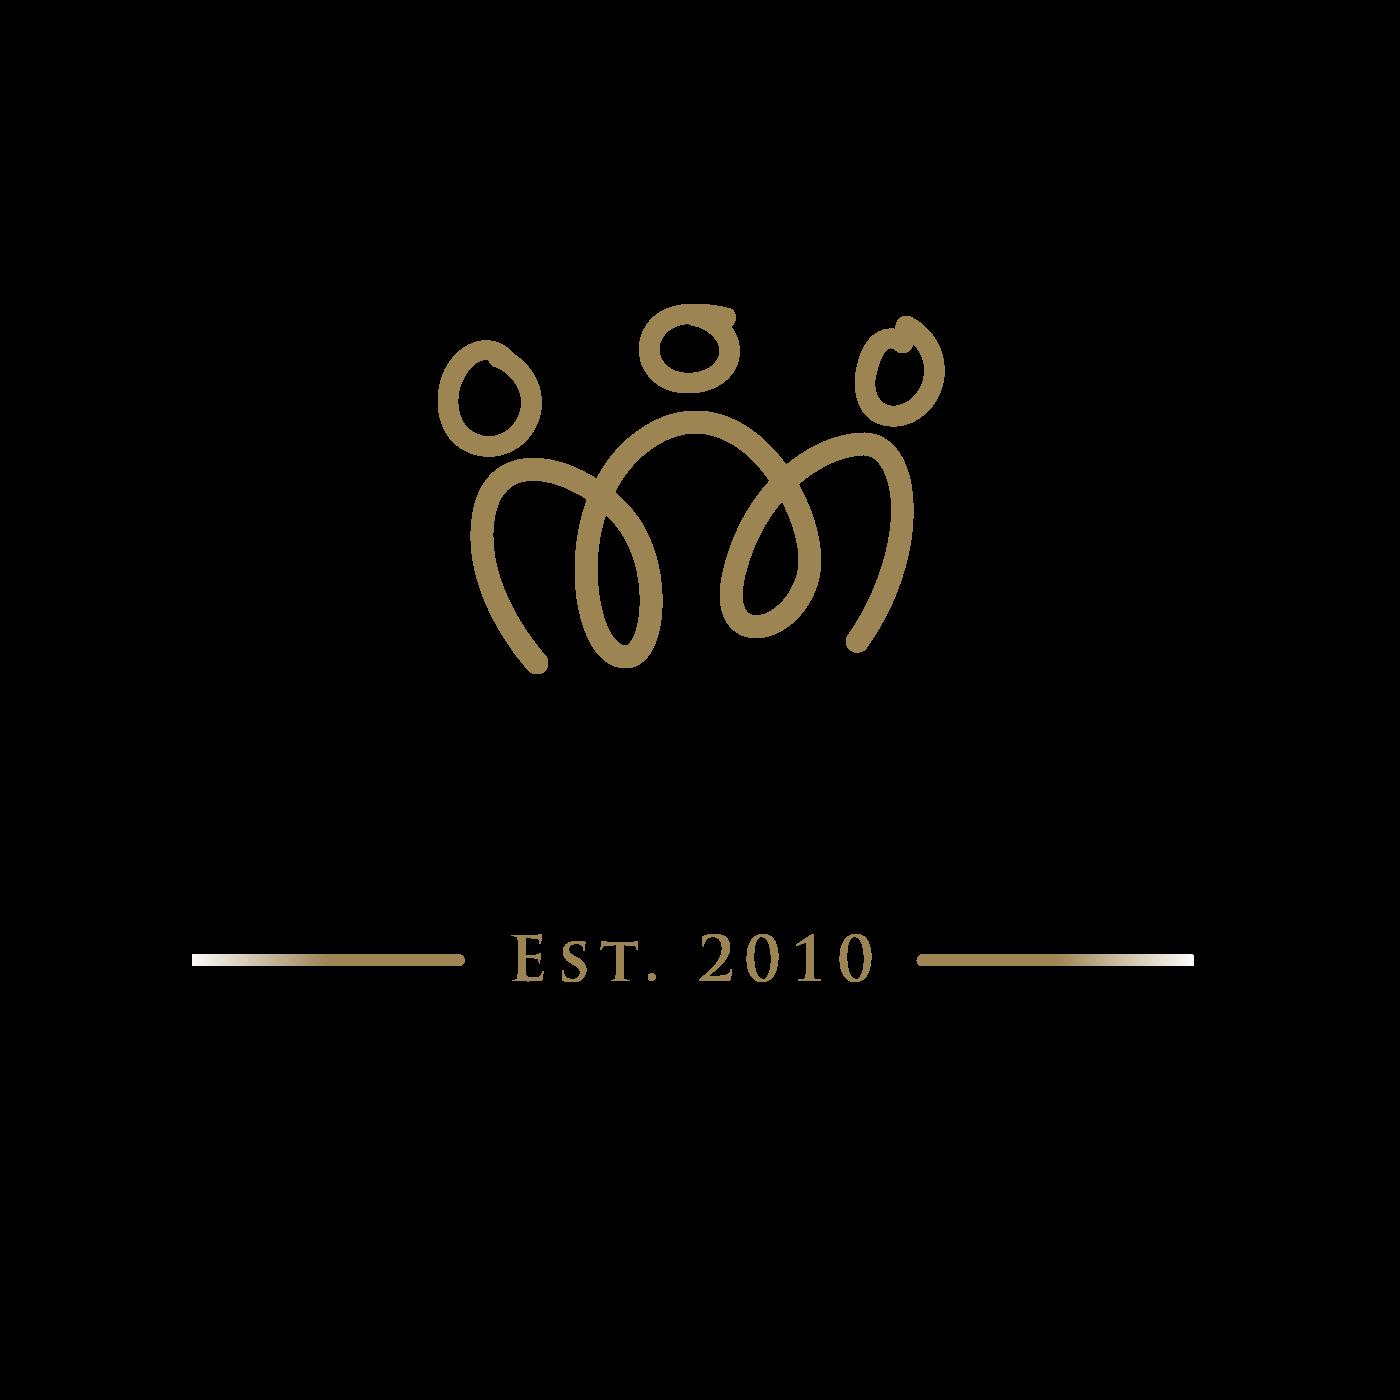 Frankie Lola logo image